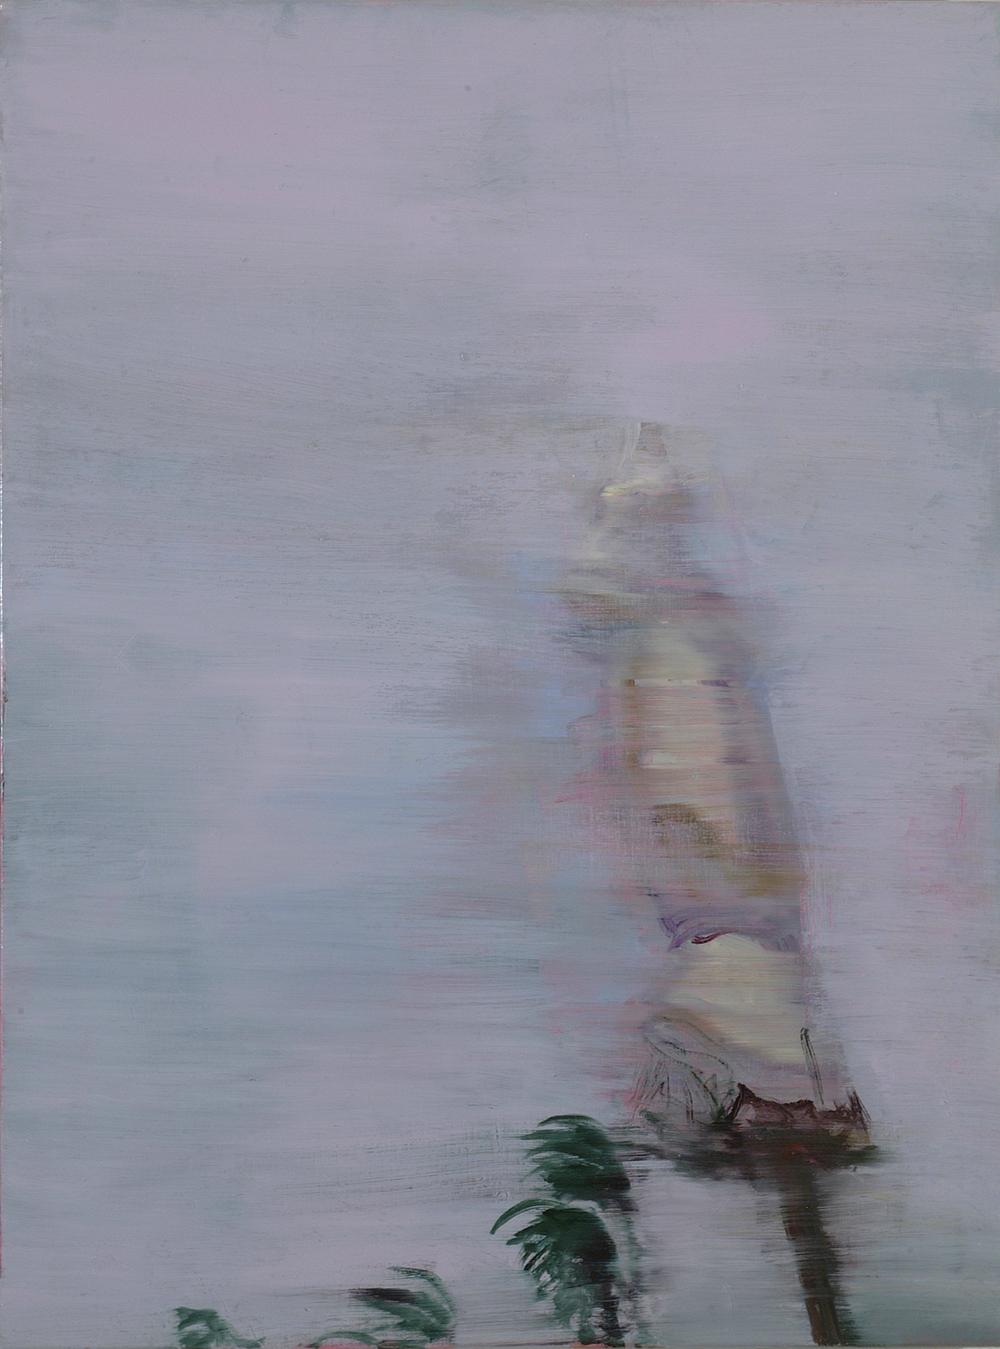 Umbrella, 2006